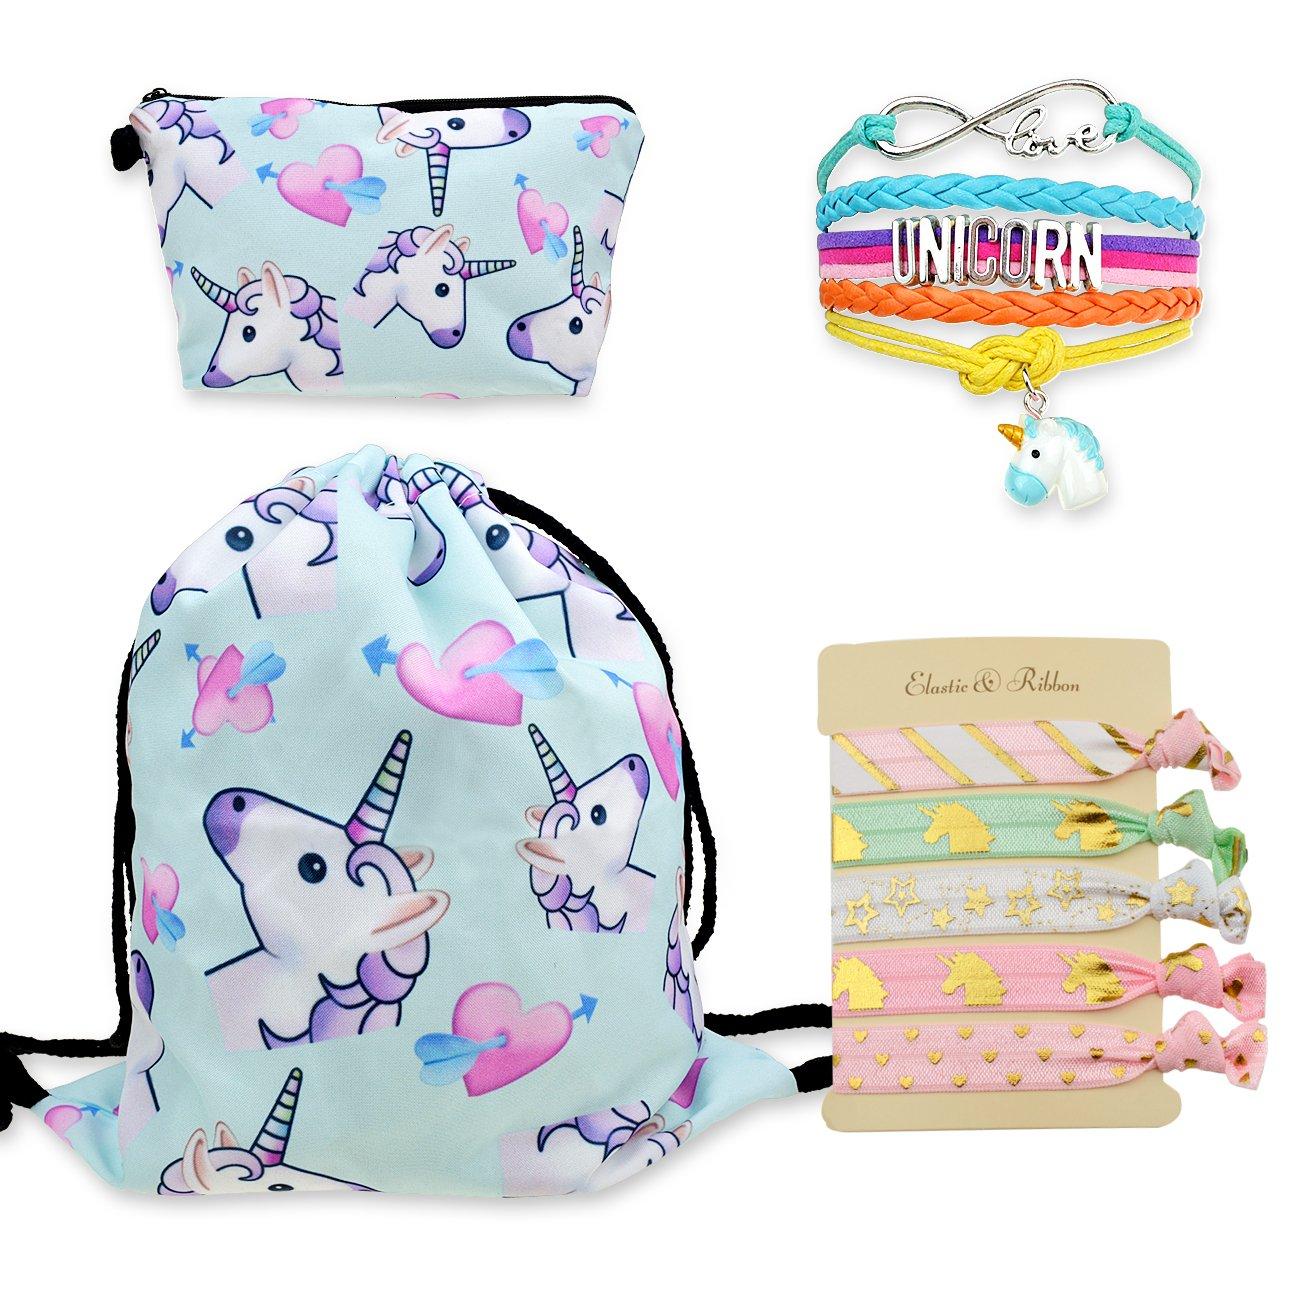 DRESHOW Unicorn Drawstring Backpack/Make up Bag/Hair Ties/Bracelet Gift Sets for Girls Pack 8